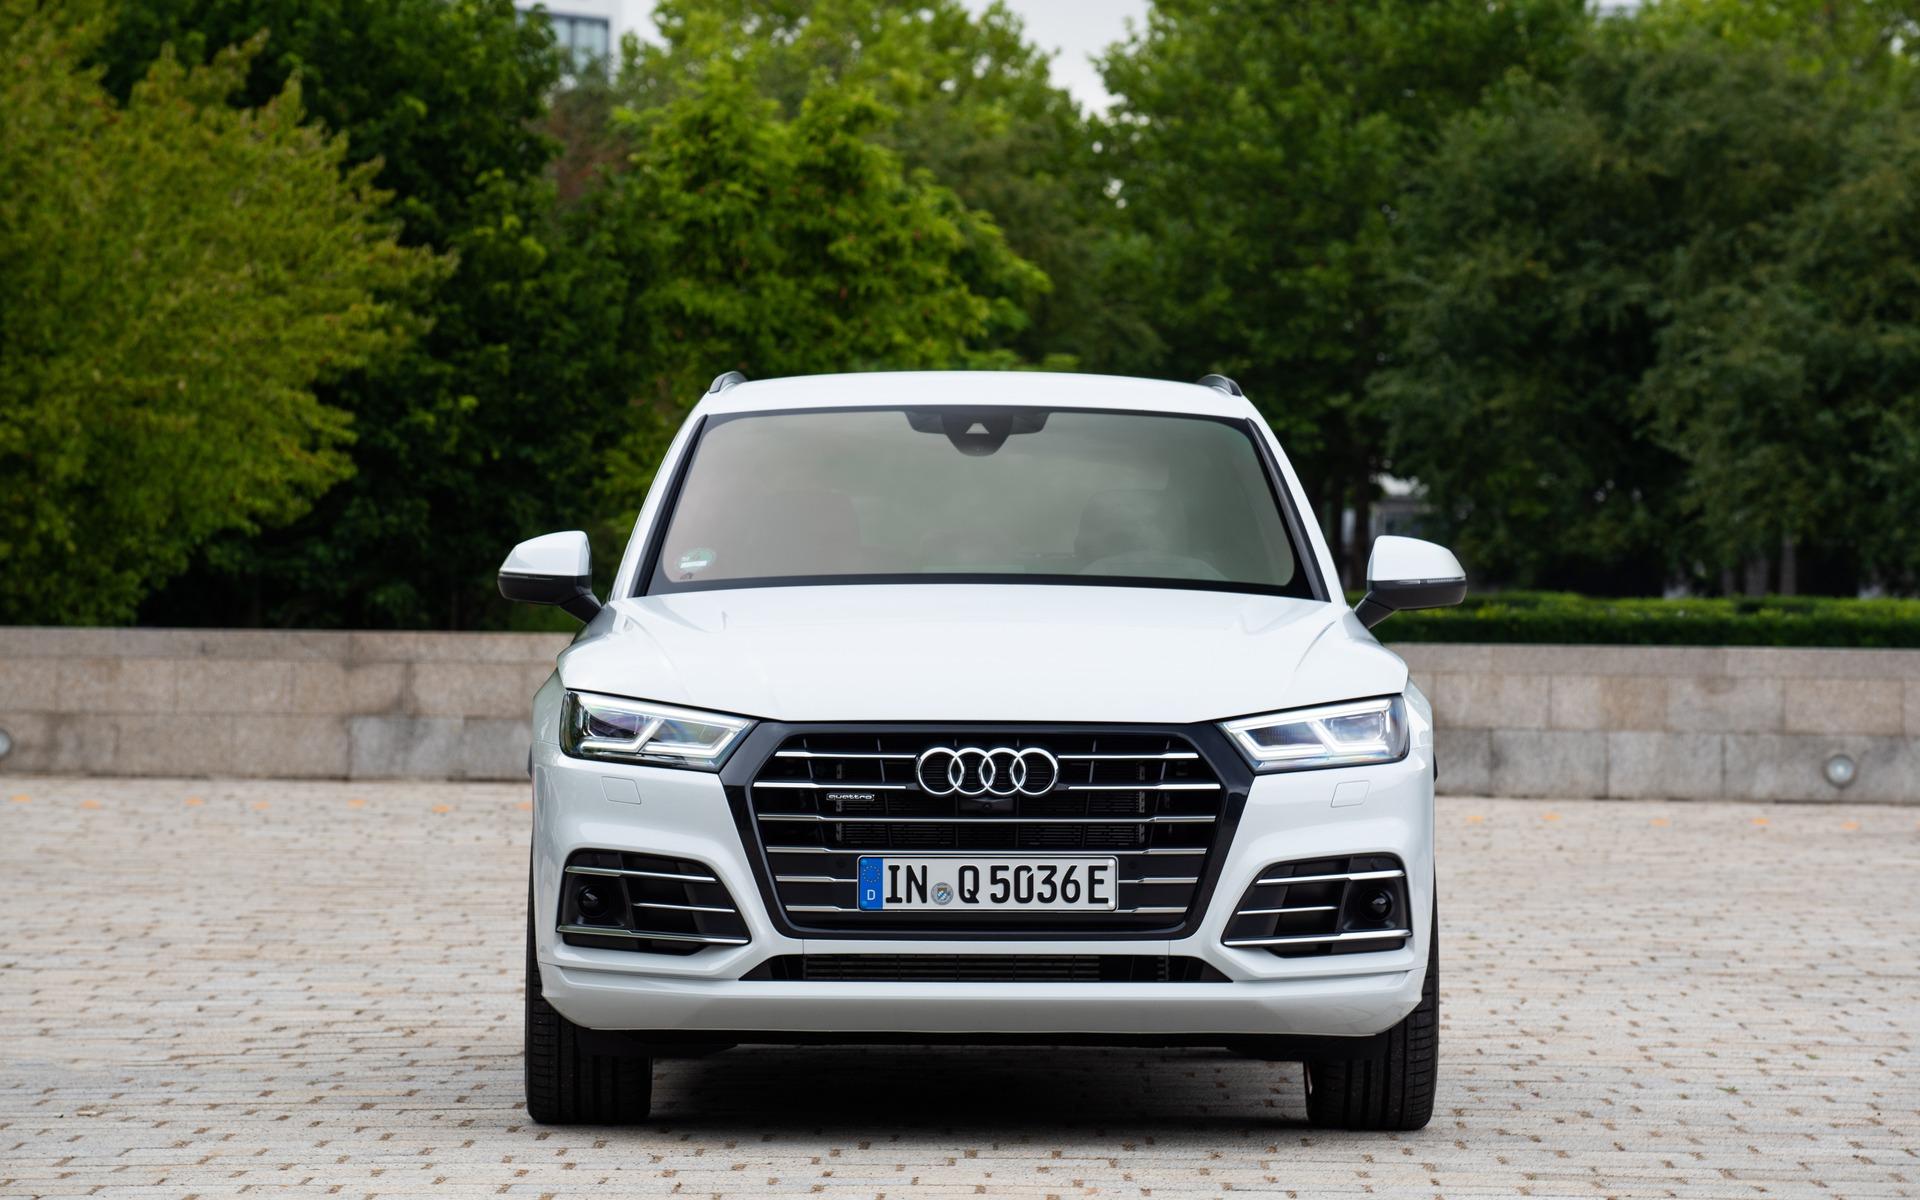 Audi Trois Nouveaux Modeles Hybrides Rechargeables Pour 2020 Guide Auto